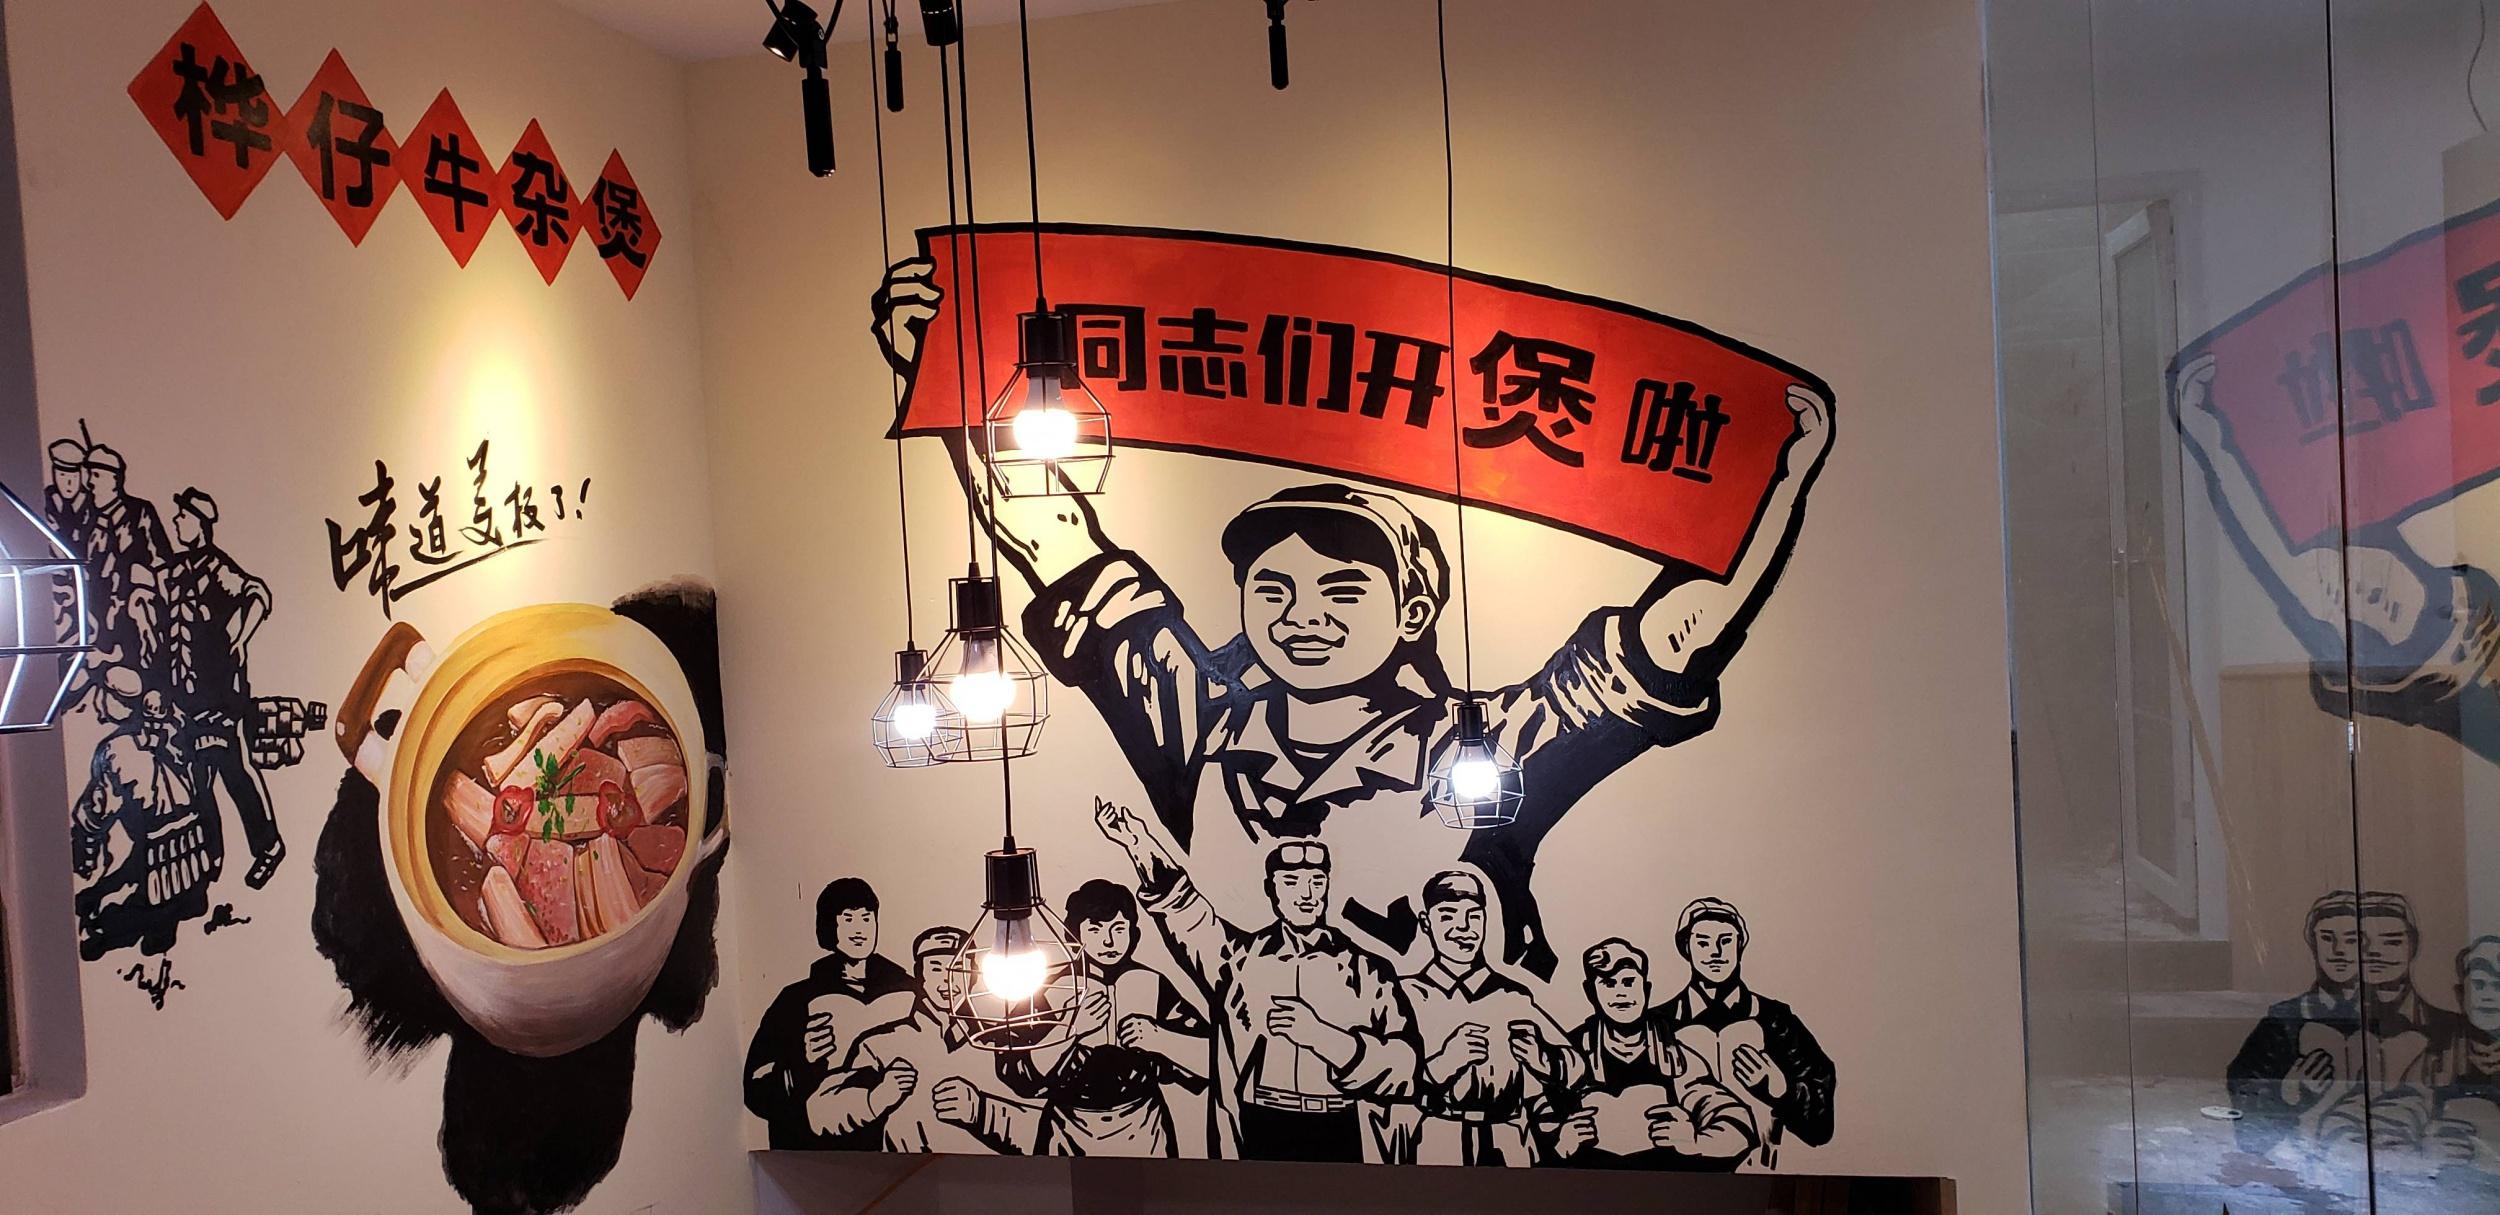 广州大沙地桦仔牛杂煲店墙绘 餐厅墙绘